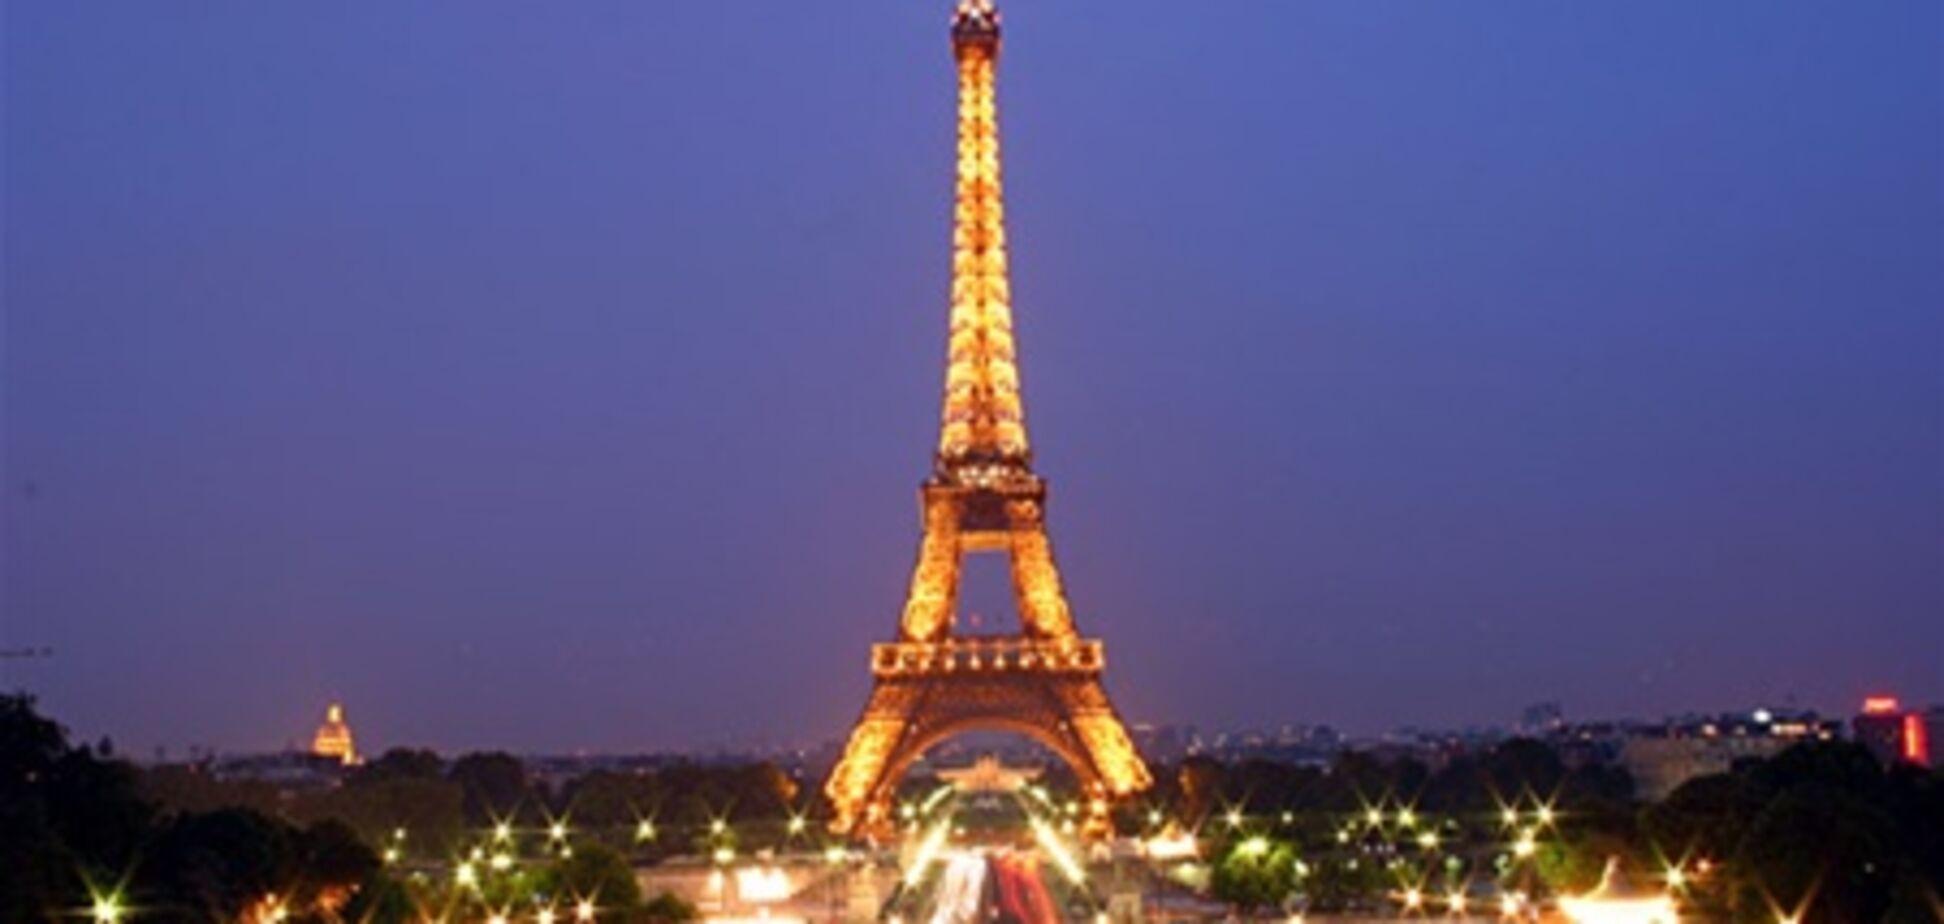 Названы самые дорогие и дешевые города мира для туристов